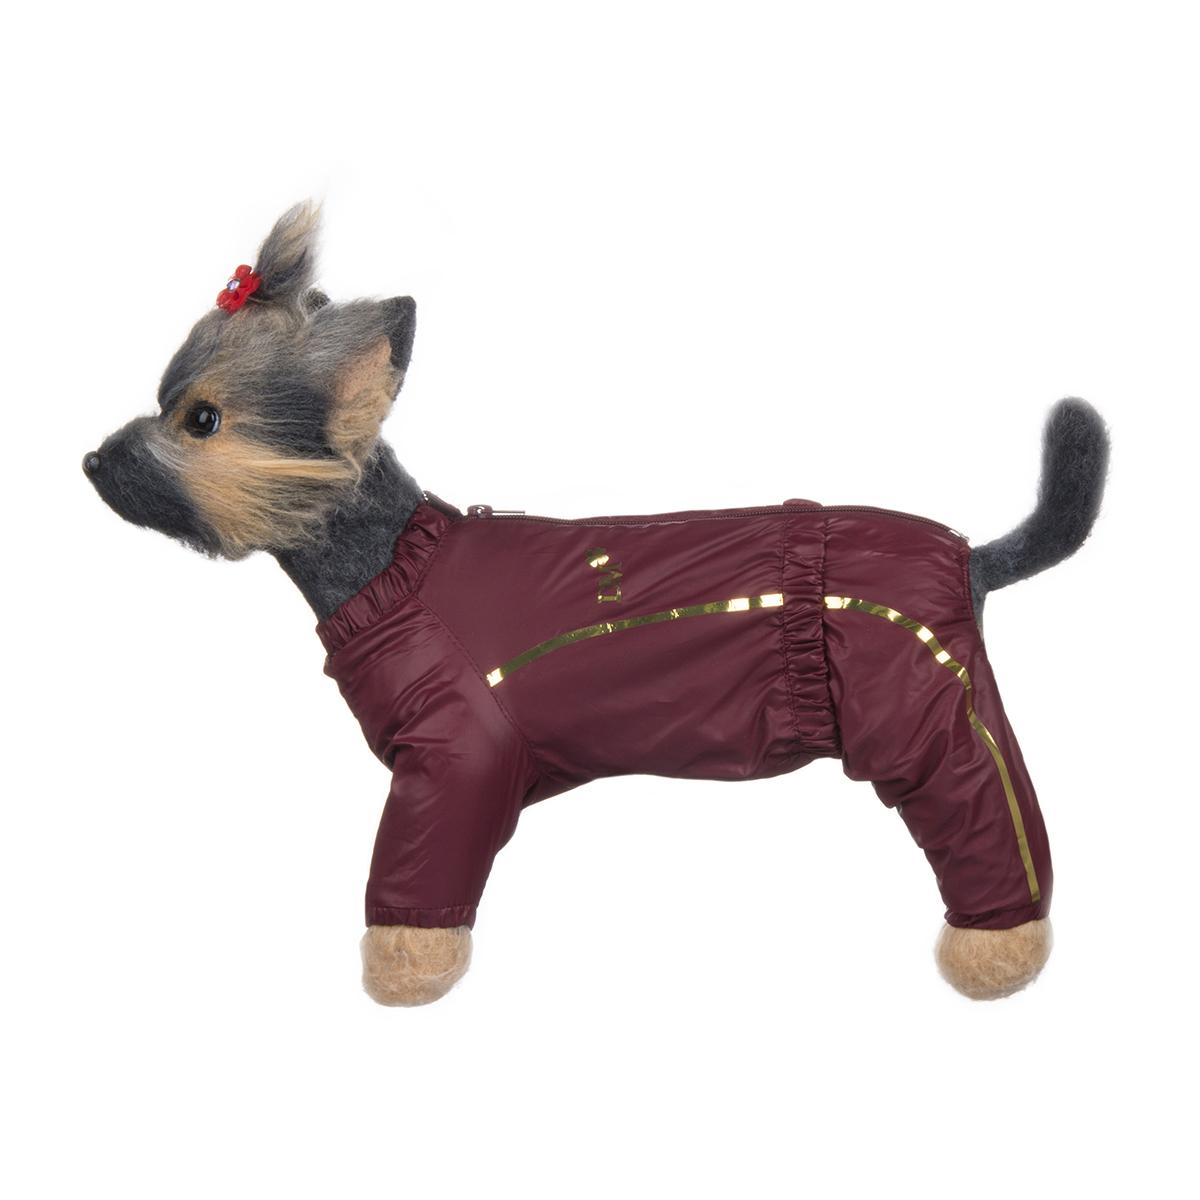 Комбинезон для собак Dogmoda Альпы, для девочки, цвет: бордовый. Размер 1 (S)DM-150325-1Комбинезон для собак Dogmoda Альпы отлично подойдет для прогулок поздней осенью или ранней весной. Комбинезон изготовлен из полиэстера, защищающего от ветра и осадков, с подкладкой из флиса, которая сохранит тепло и обеспечит отличный воздухообмен. Комбинезон застегивается на молнию и липучку, благодаря чему его легко надевать и снимать. Ворот, низ рукавов и брючин оснащены внутренними резинками, которые мягко обхватывают шею и лапки, не позволяя просачиваться холодному воздуху. На пояснице имеется внутренняя резинка. Изделие декорировано золотистыми полосками и надписью DM.Благодаря такому комбинезону простуда не грозит вашему питомцу и он не даст любимцу продрогнуть на прогулке.Одежда для собак: нужна ли она и как её выбрать. Статья OZON Гид